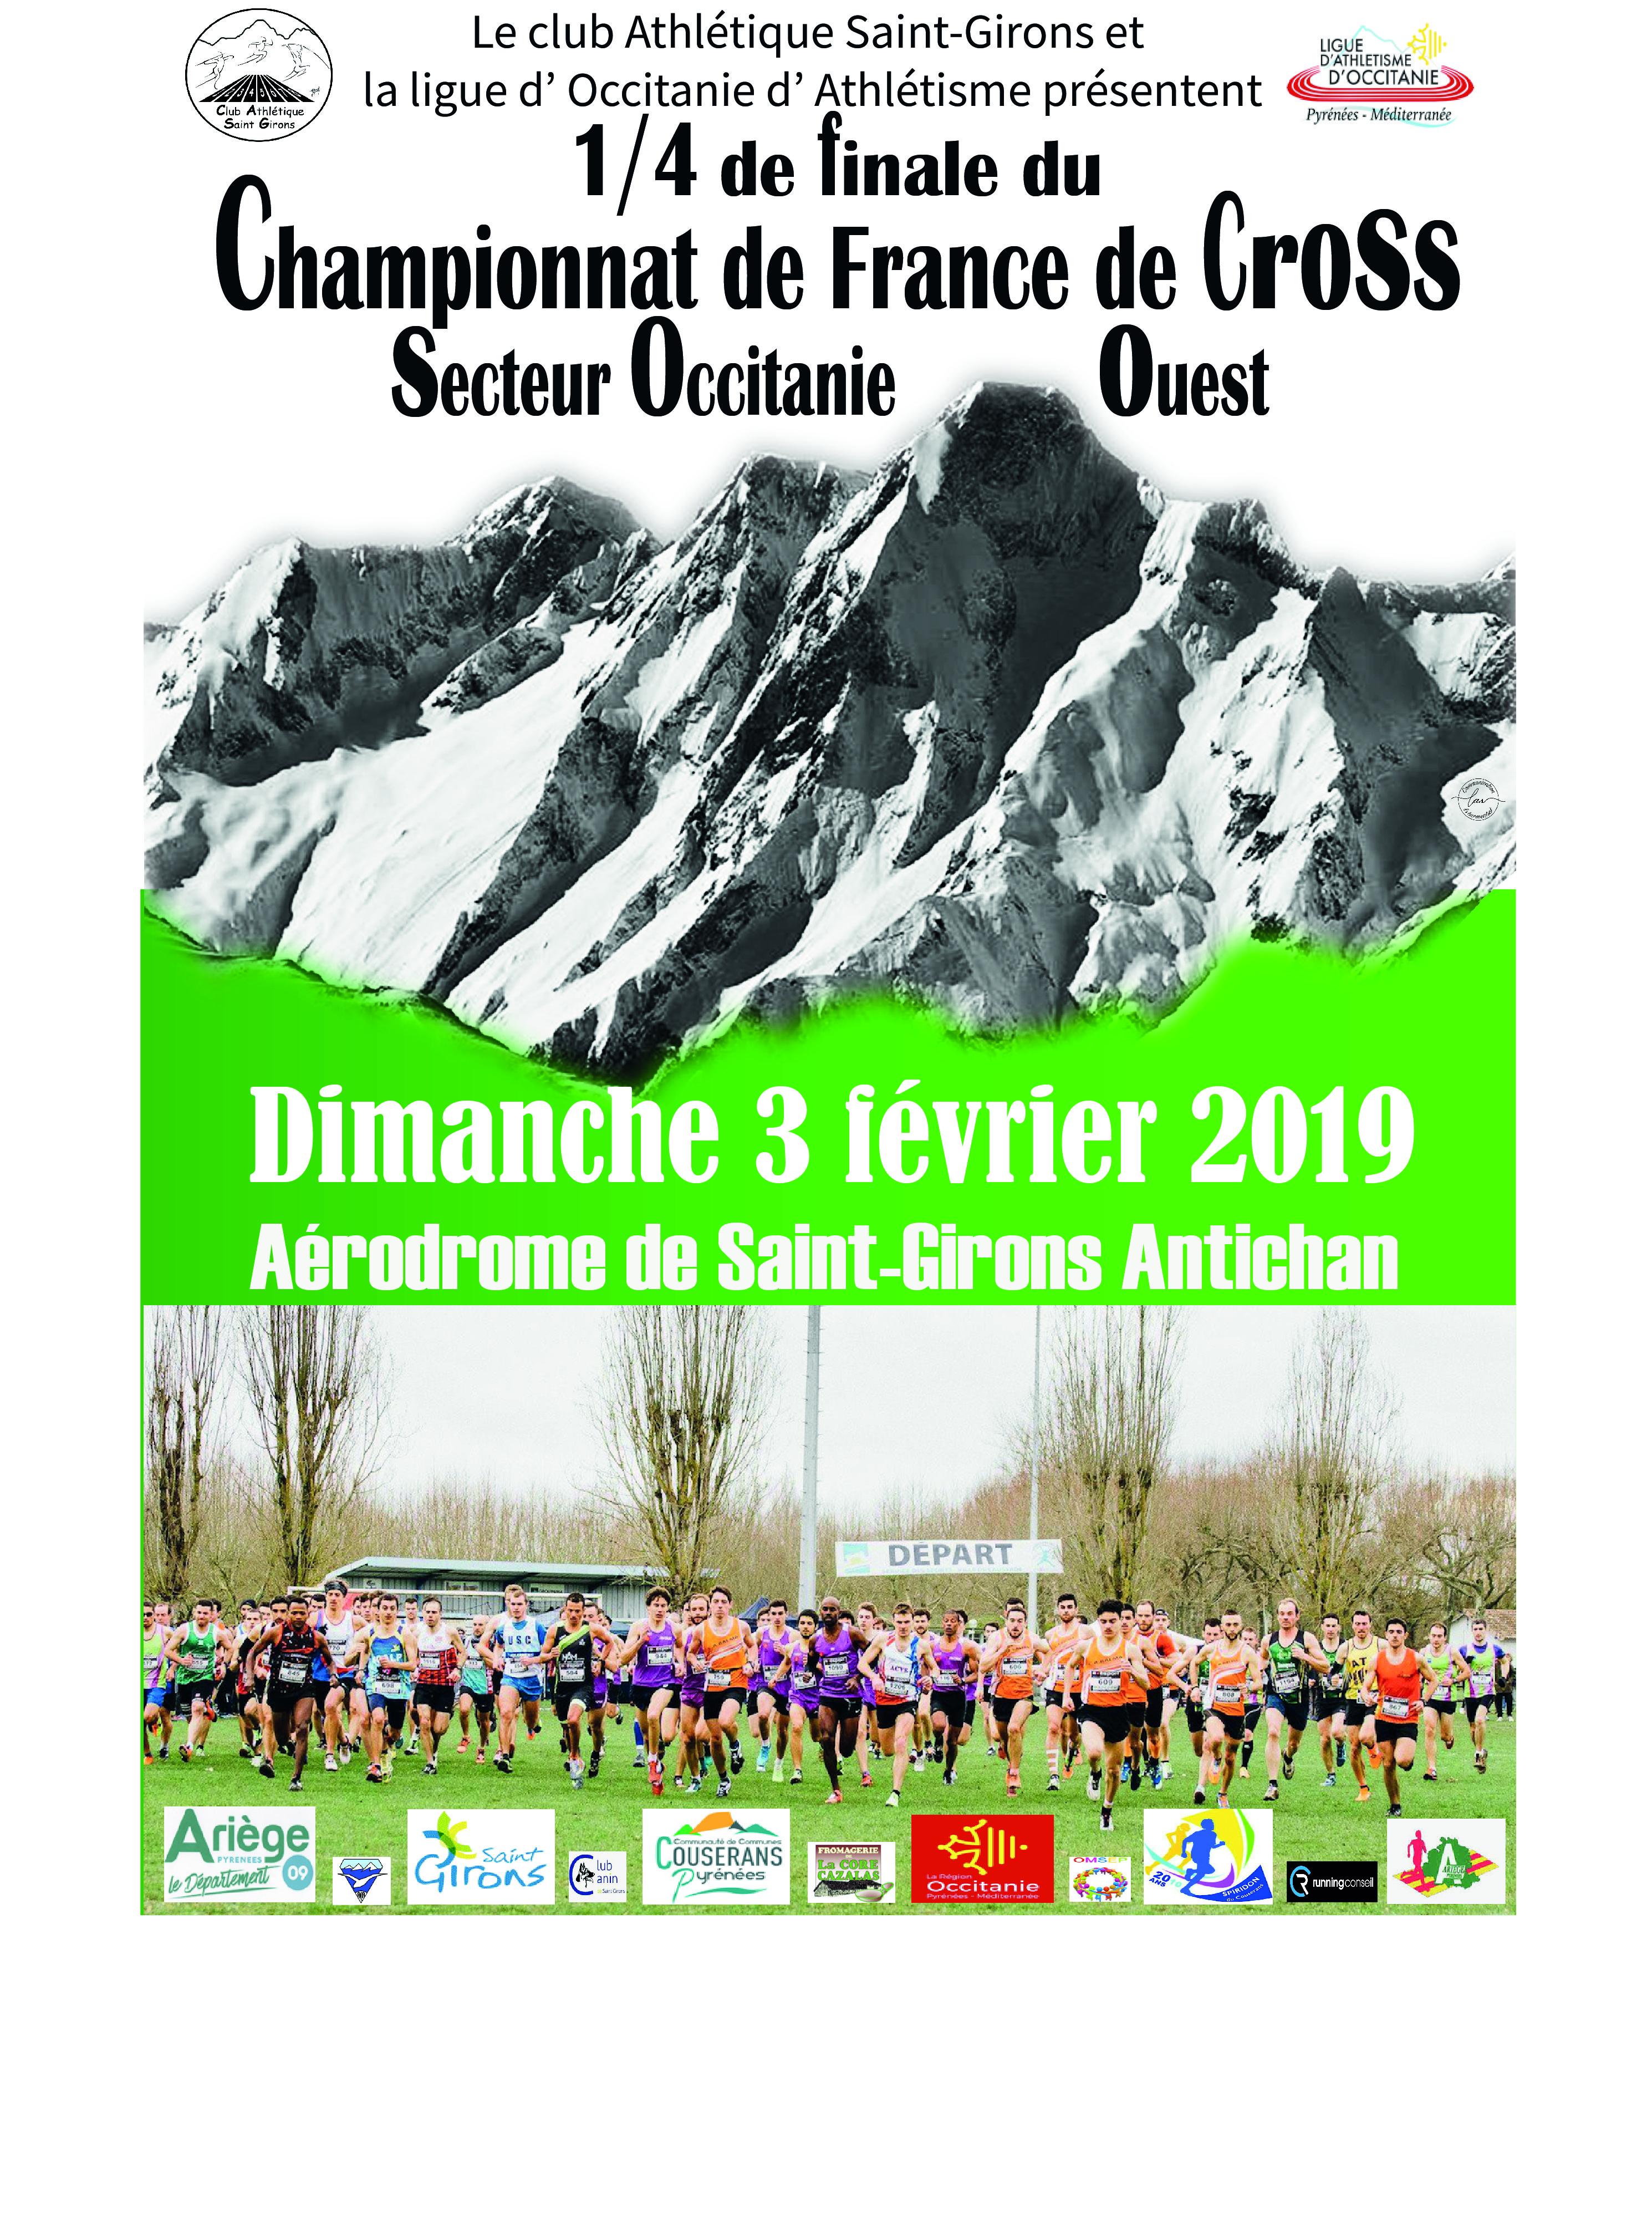 Quart de finale des championnats de France de cross 2019 (secteur Ouest d'Occitanie)